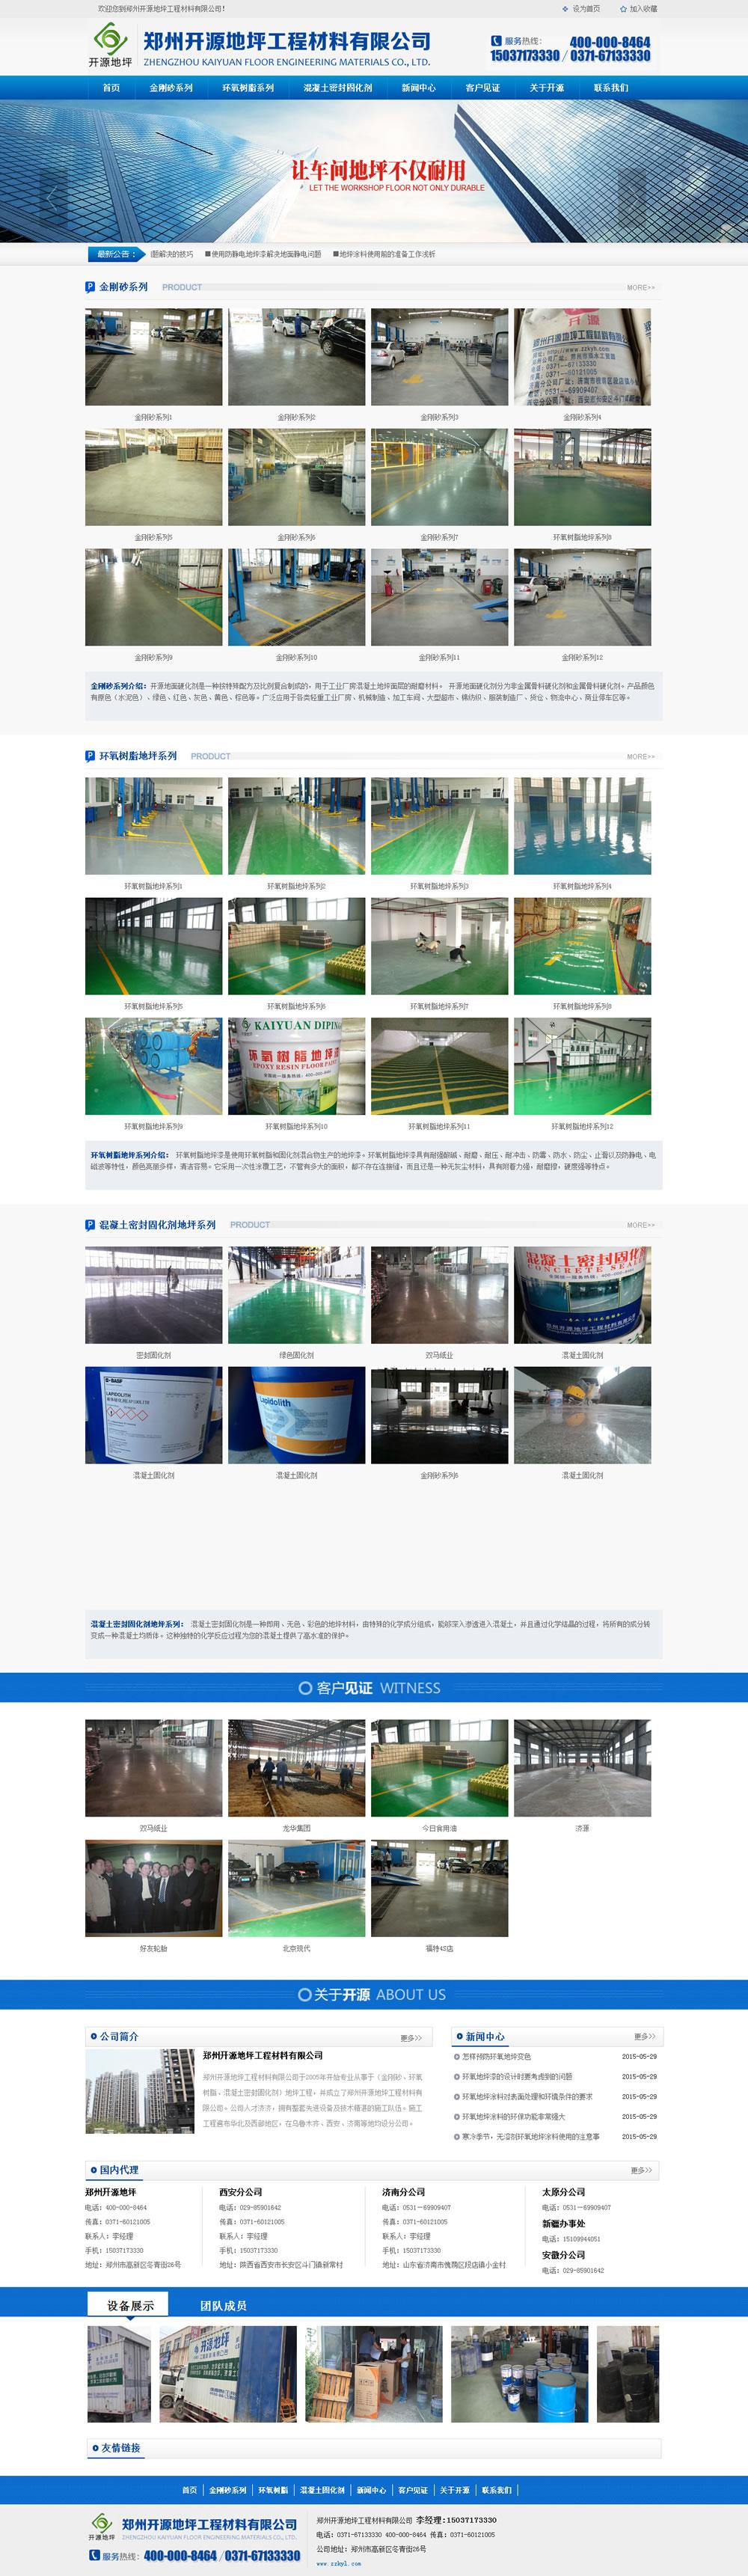 郑州开源地坪工程材料有限公司首页效果图